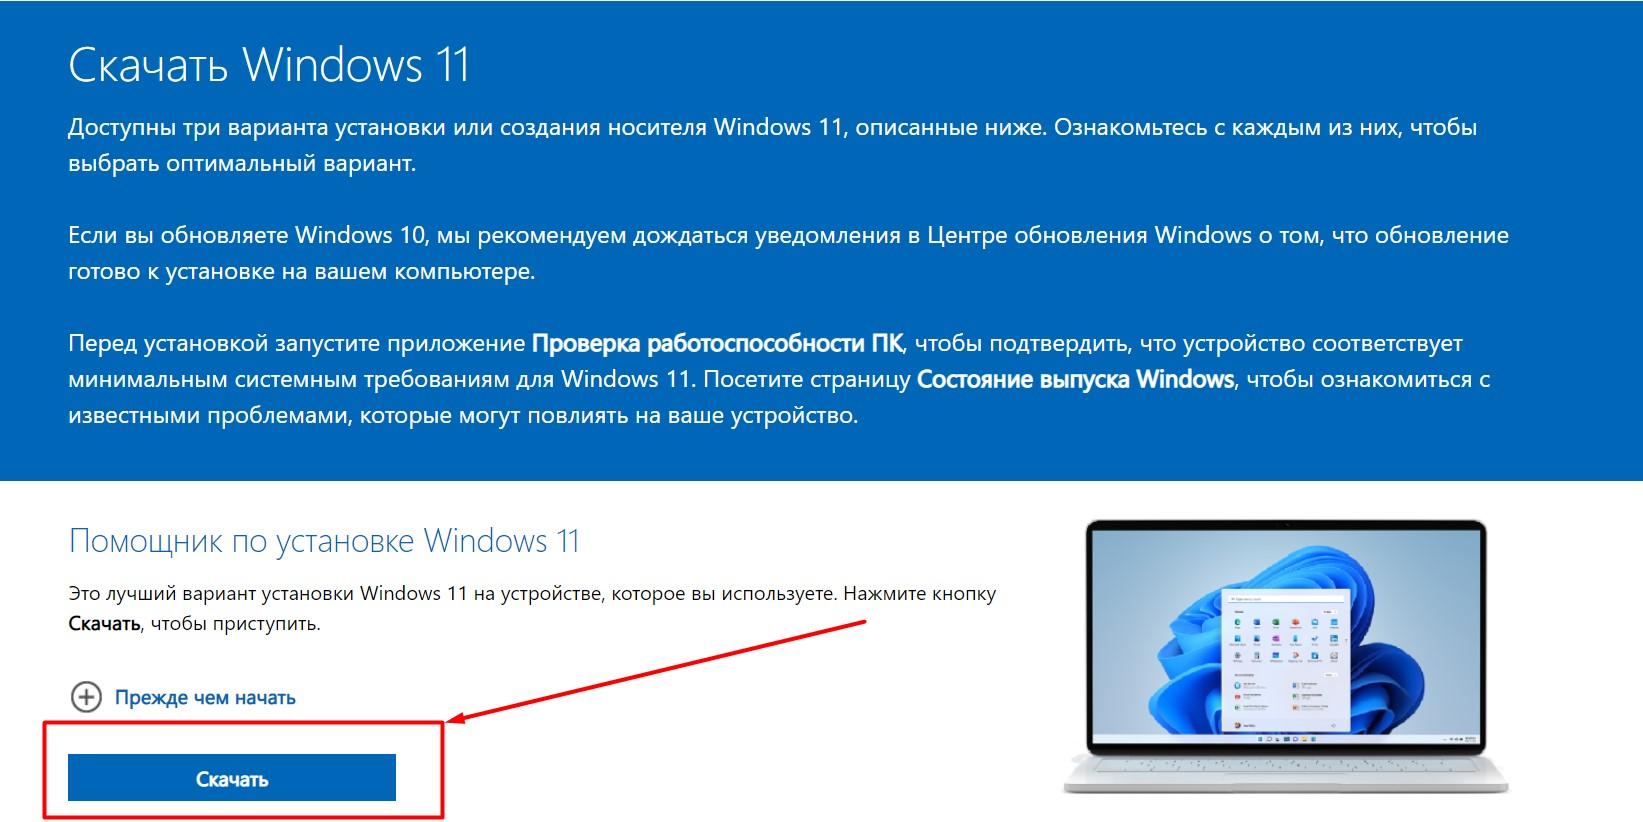 Как обновить Windows 10 до Windows 11: сделал сам и советую другим